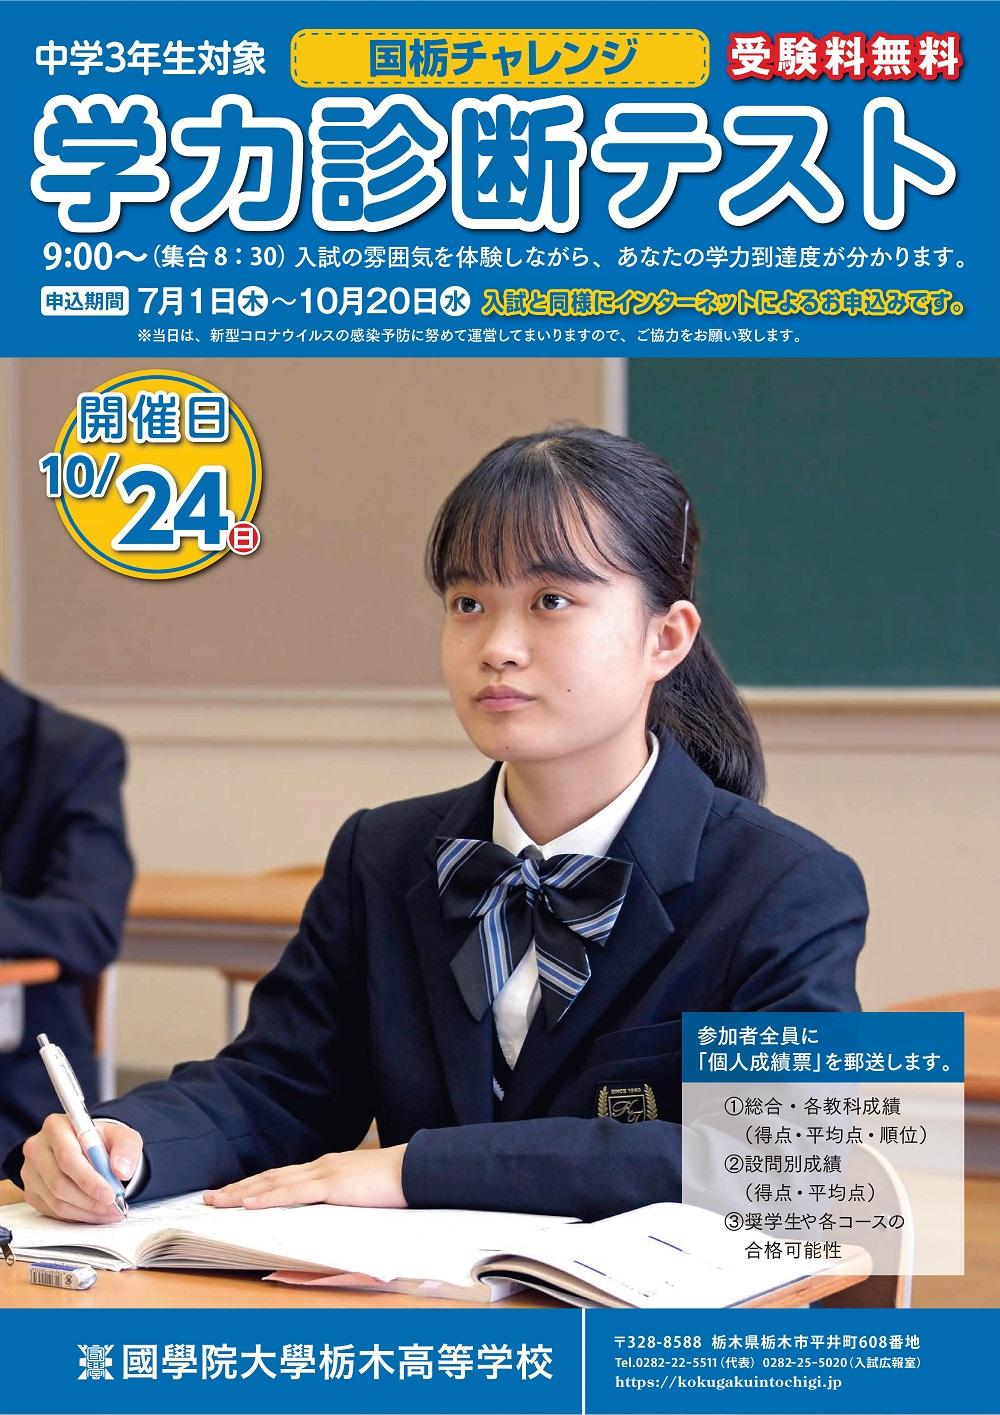 【國學院大栃木】無料・10/24 学力診断テスト